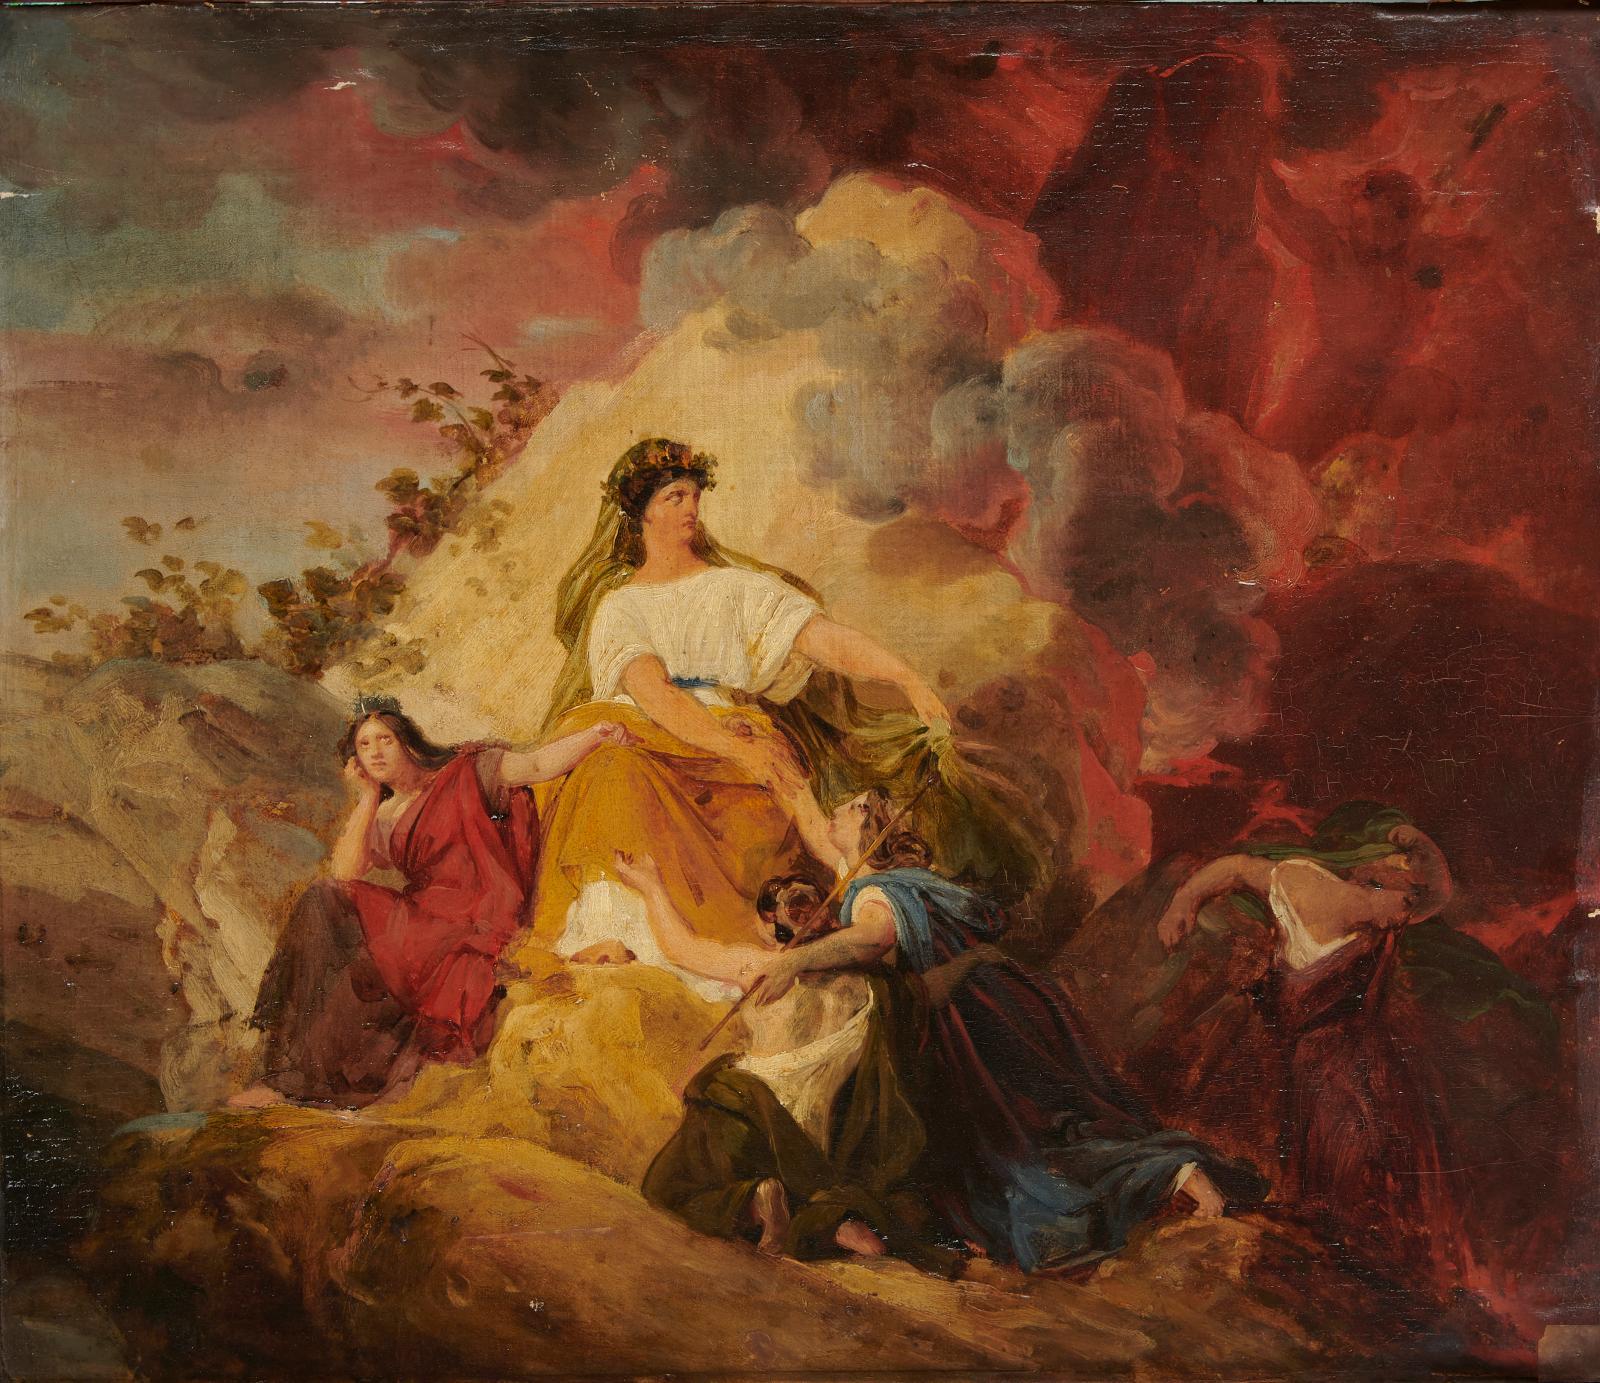 François Édouard Picot (1786-1868), Cybèle protège contre le Vésuveles villes de Stabiæ, Herculanum,Pompéi et Résina, huile sur toilema